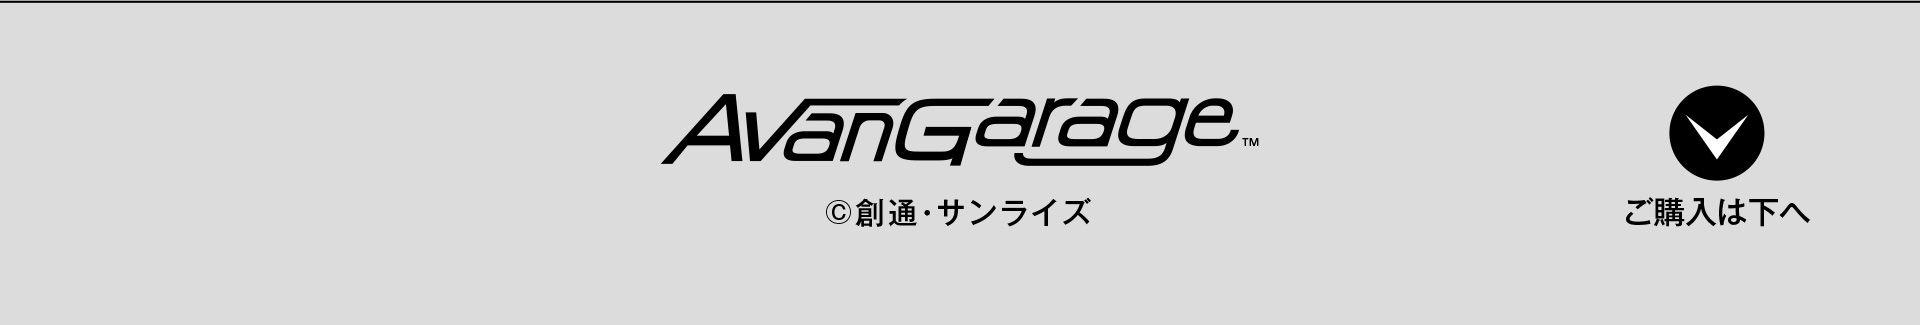 AvanGarage